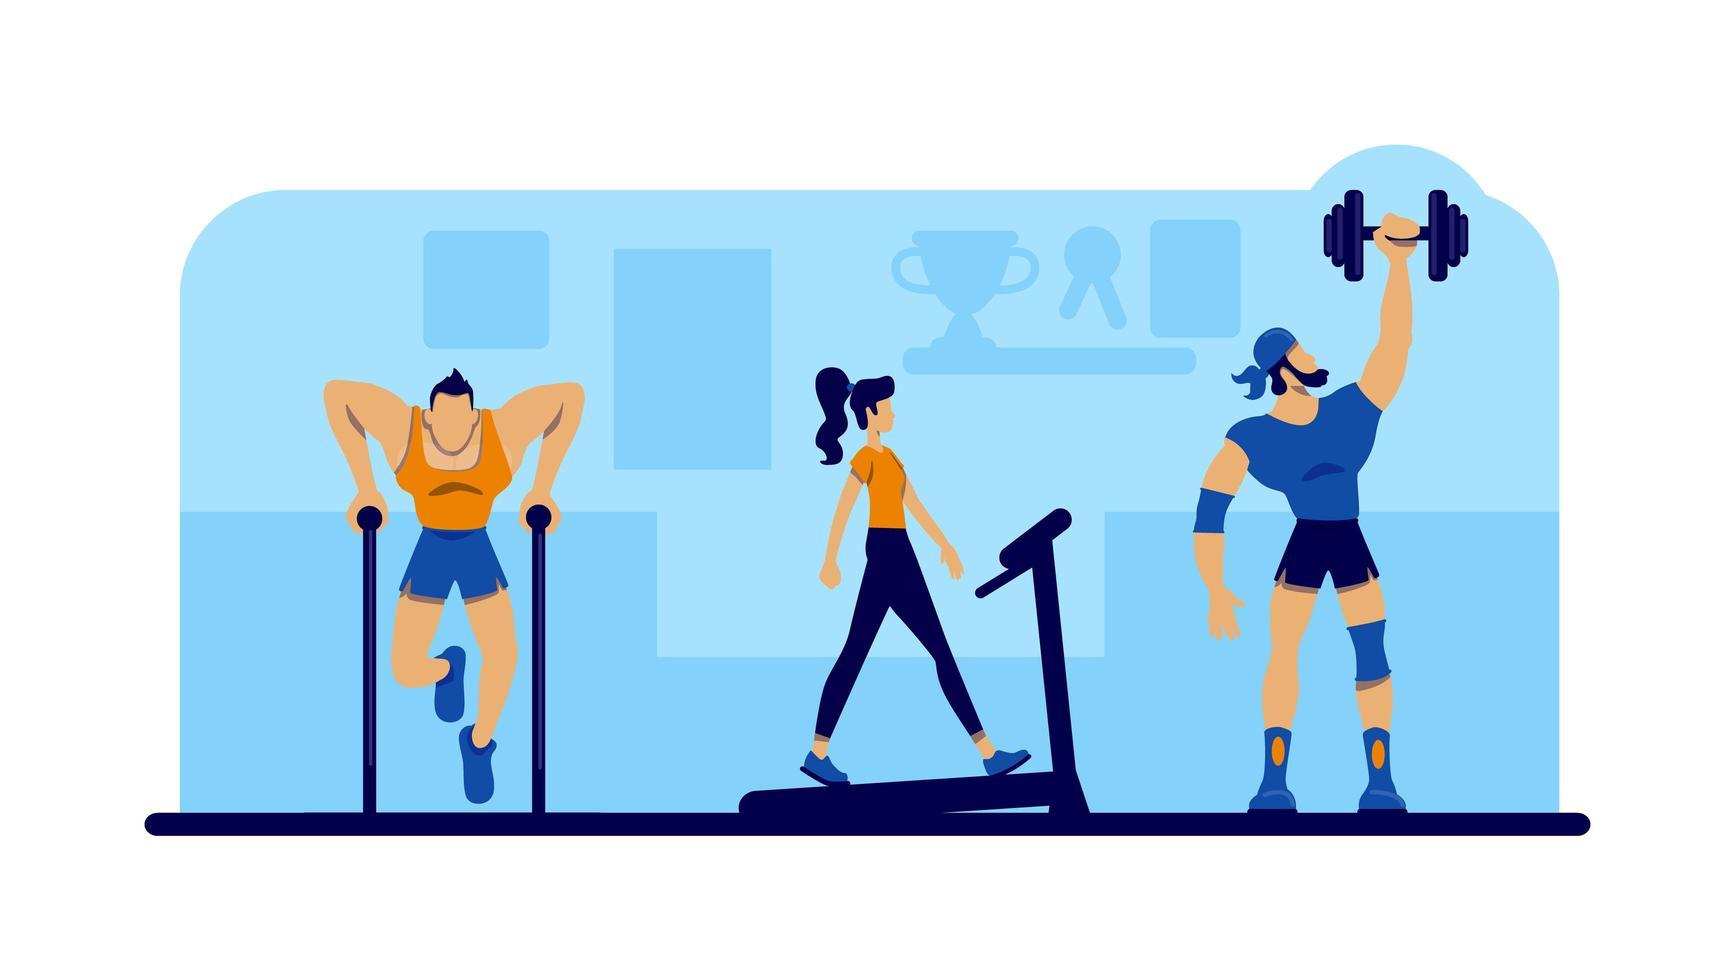 gym träning med utrustning vektor